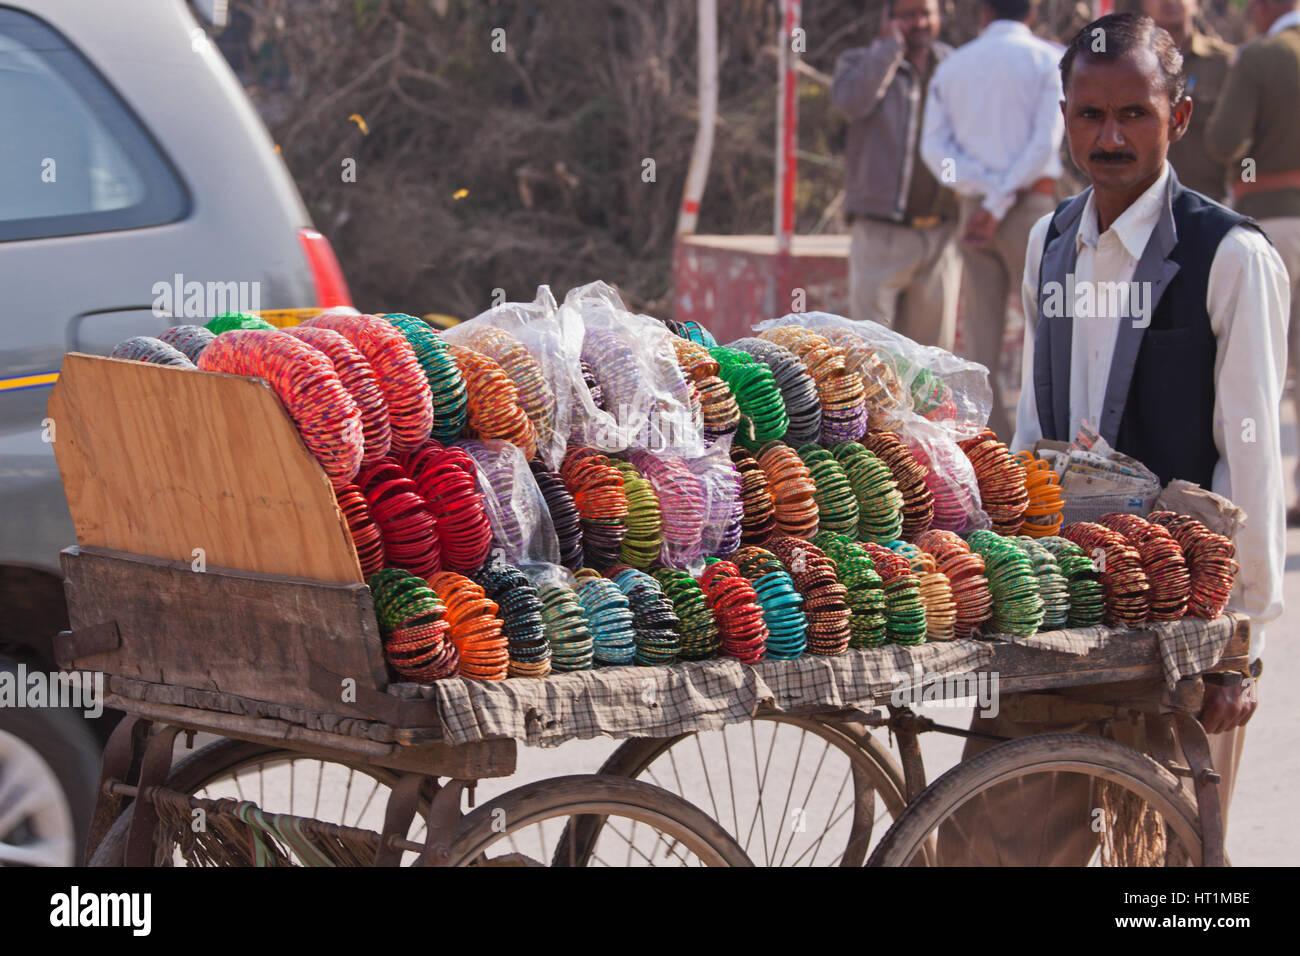 Indian Barrow Stock Photos & Indian Barrow Stock Images - Alamy